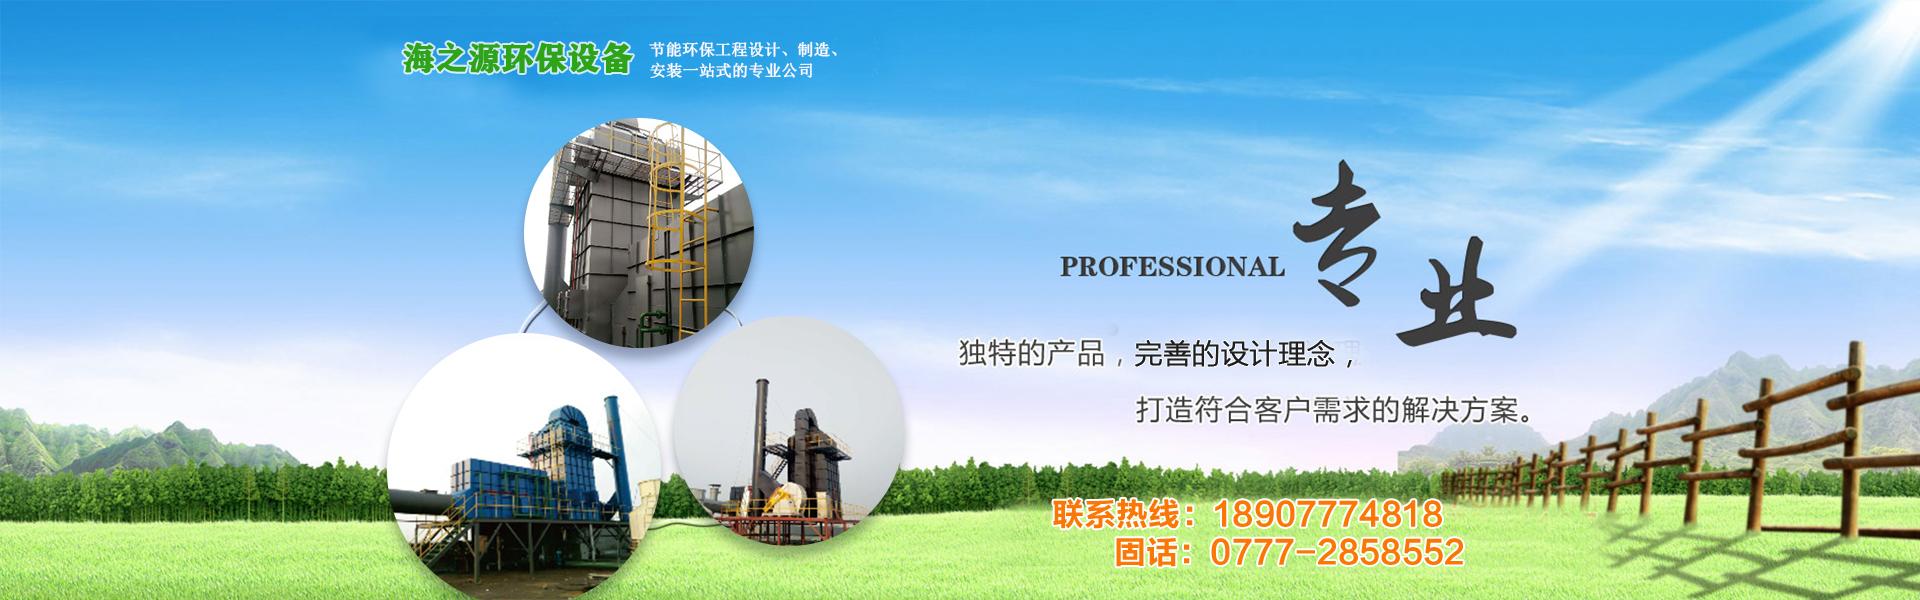 广西环保设备厂家